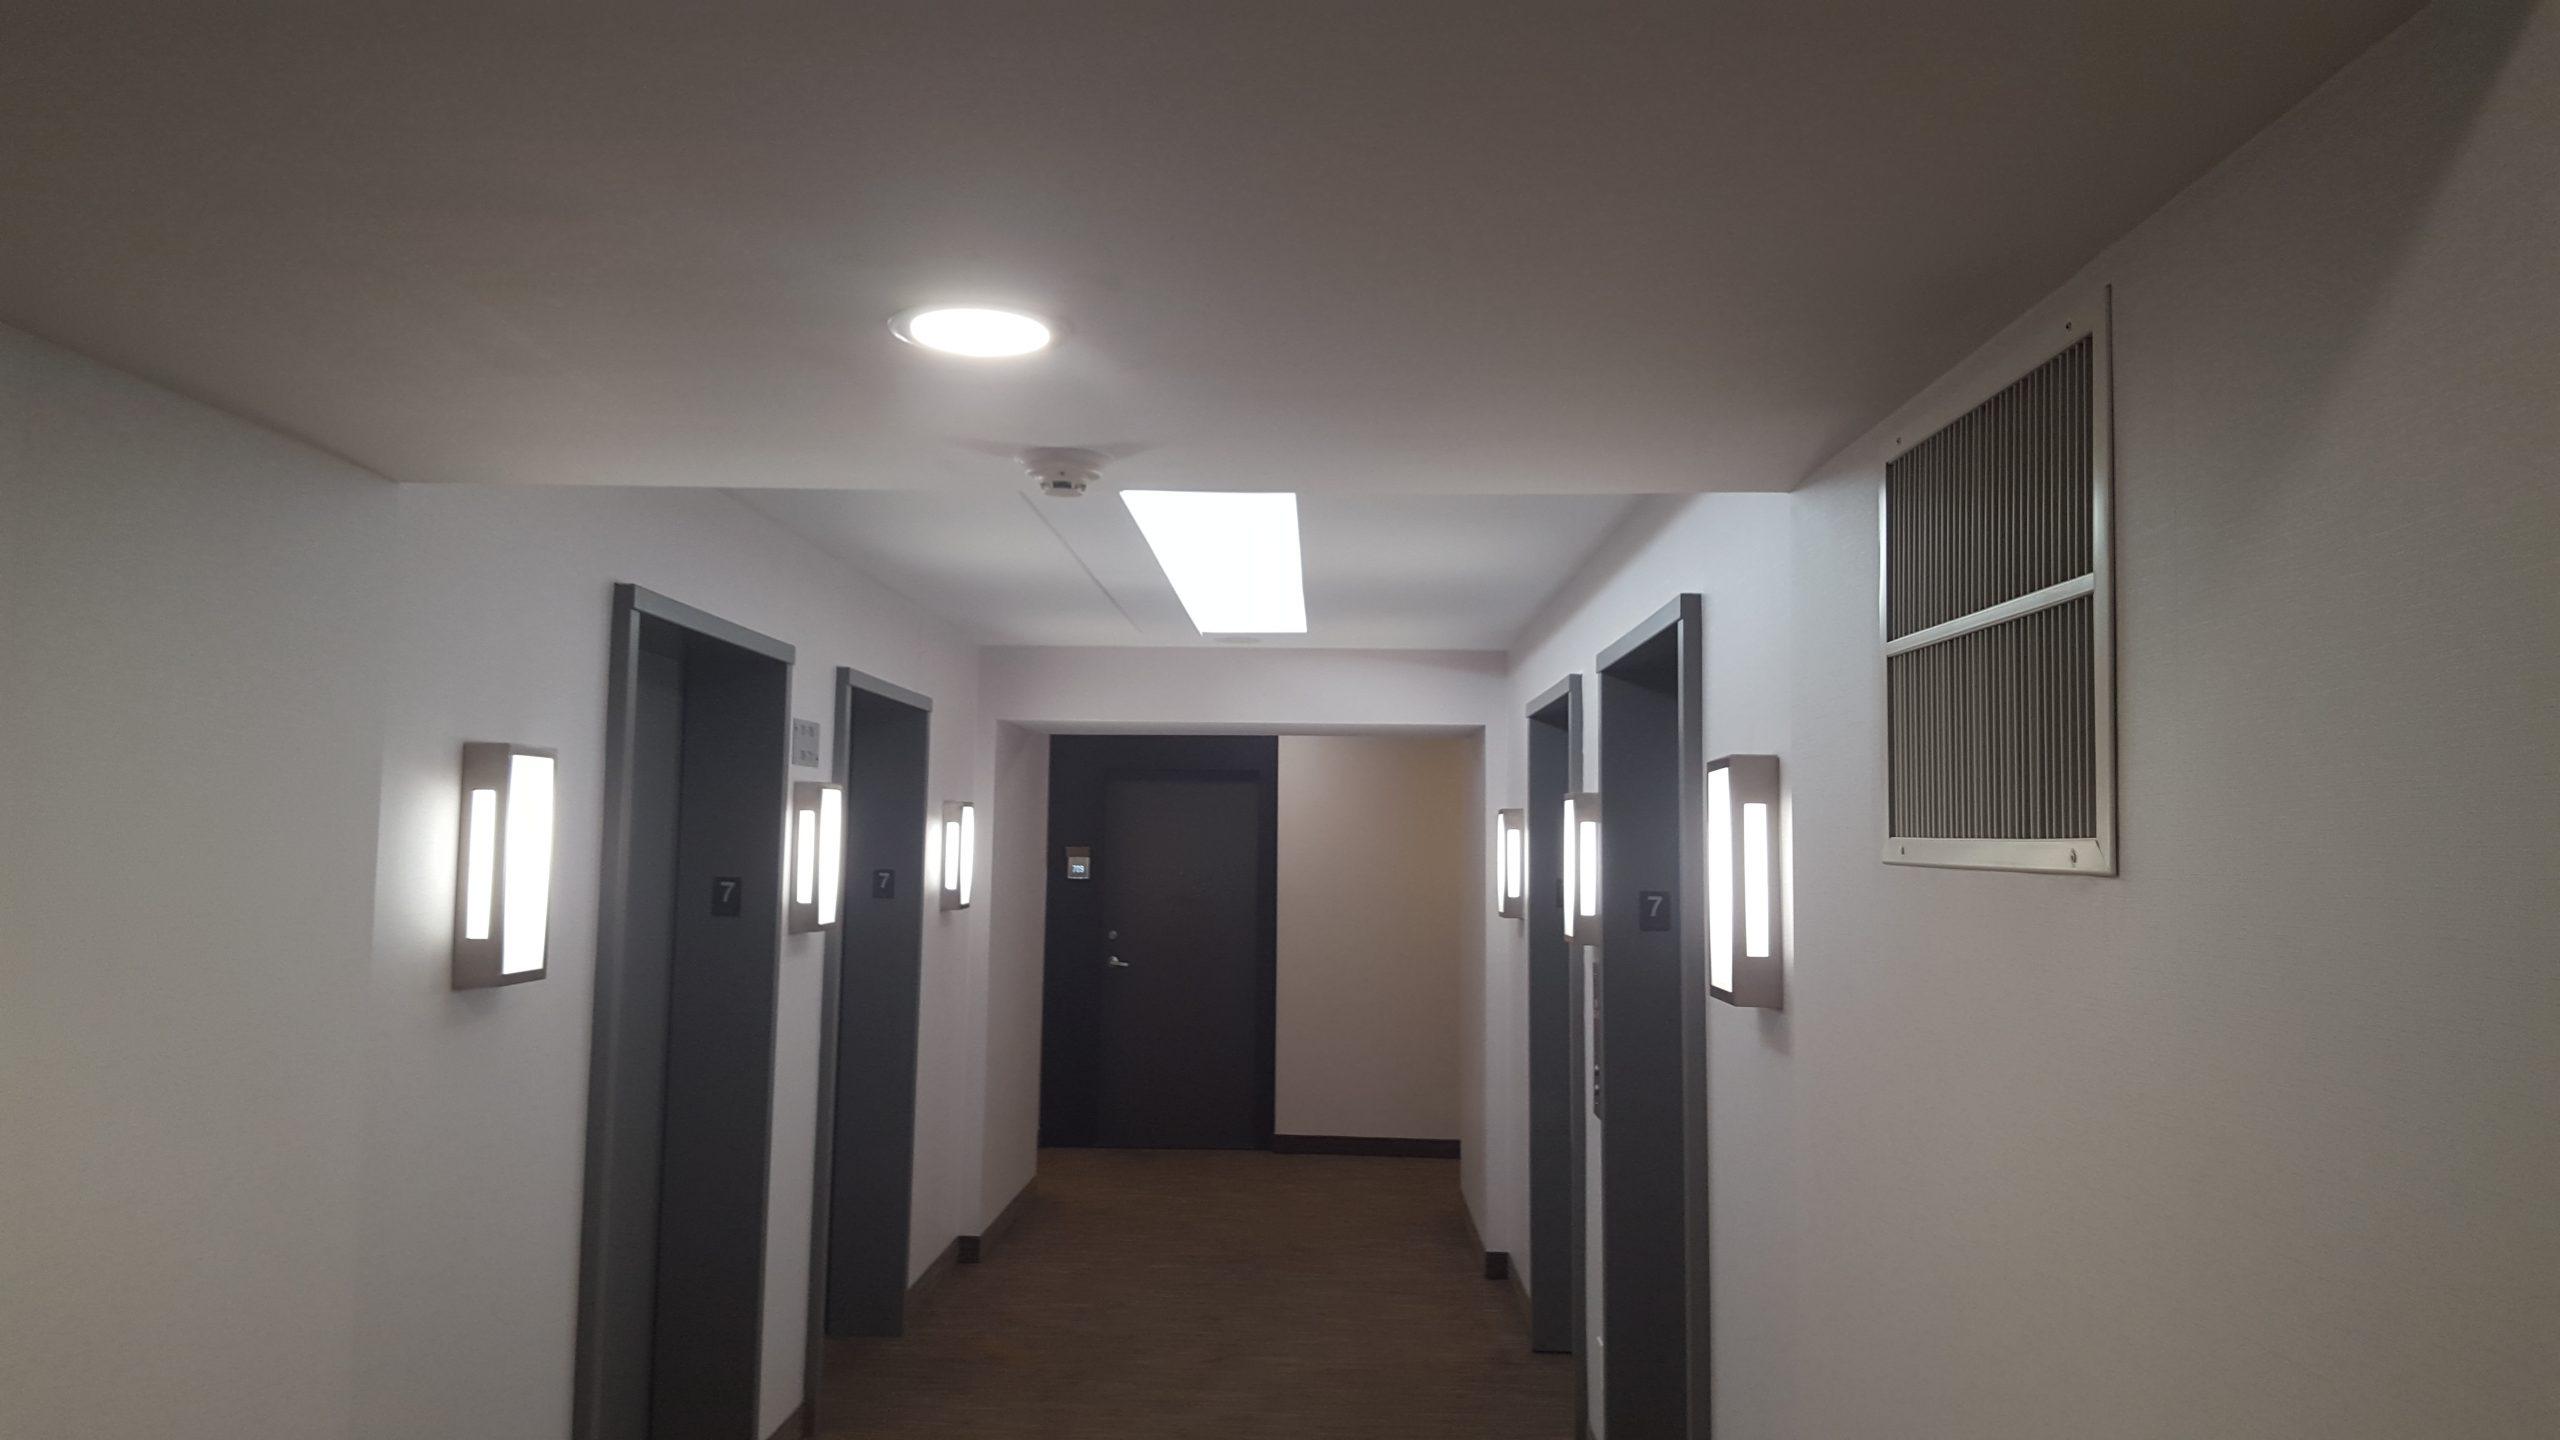 LED & commercial street lighting